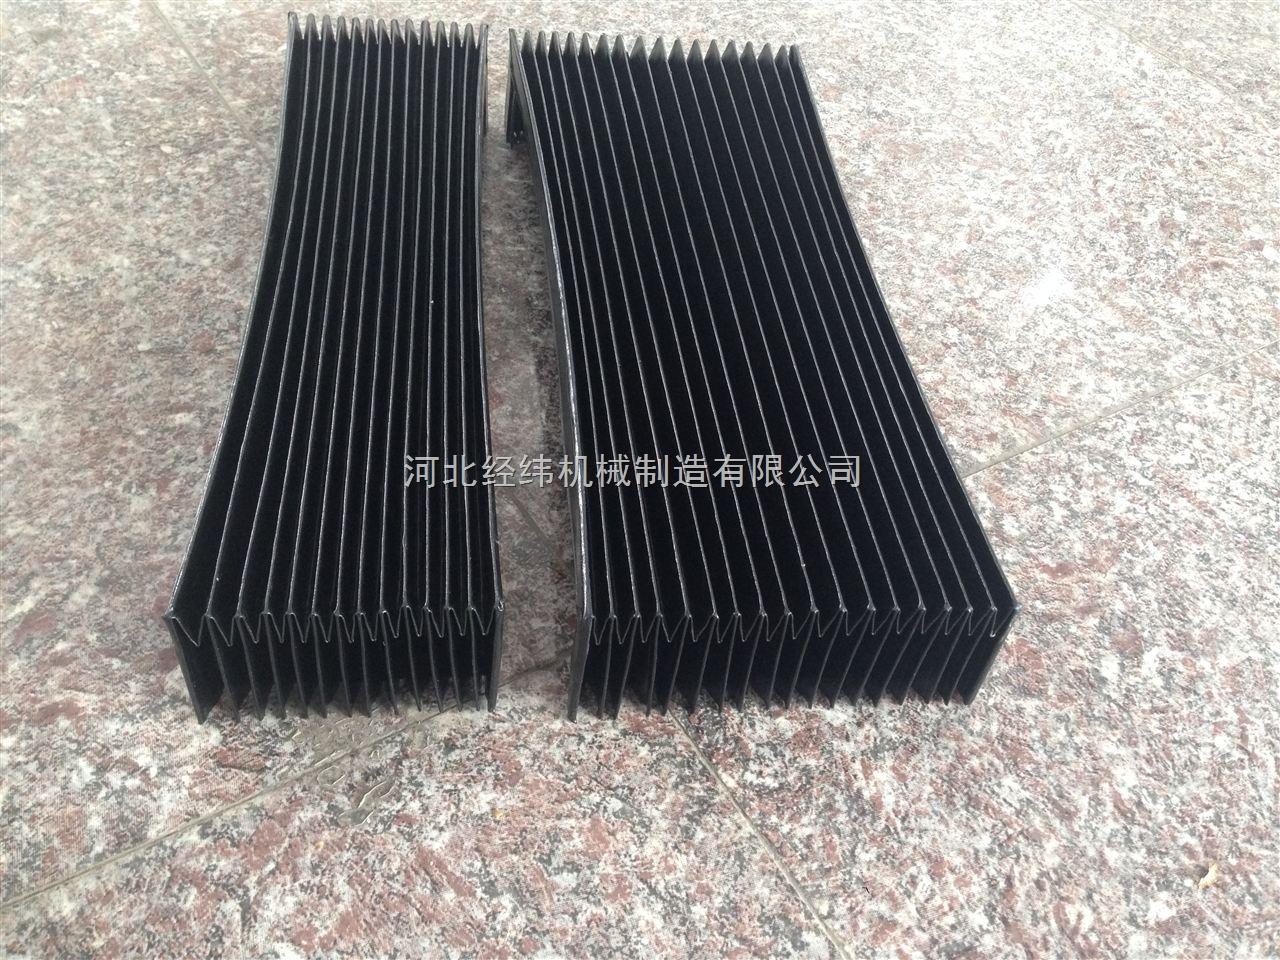 伸缩式机床导轨防尘罩,耐高温风琴式防护罩